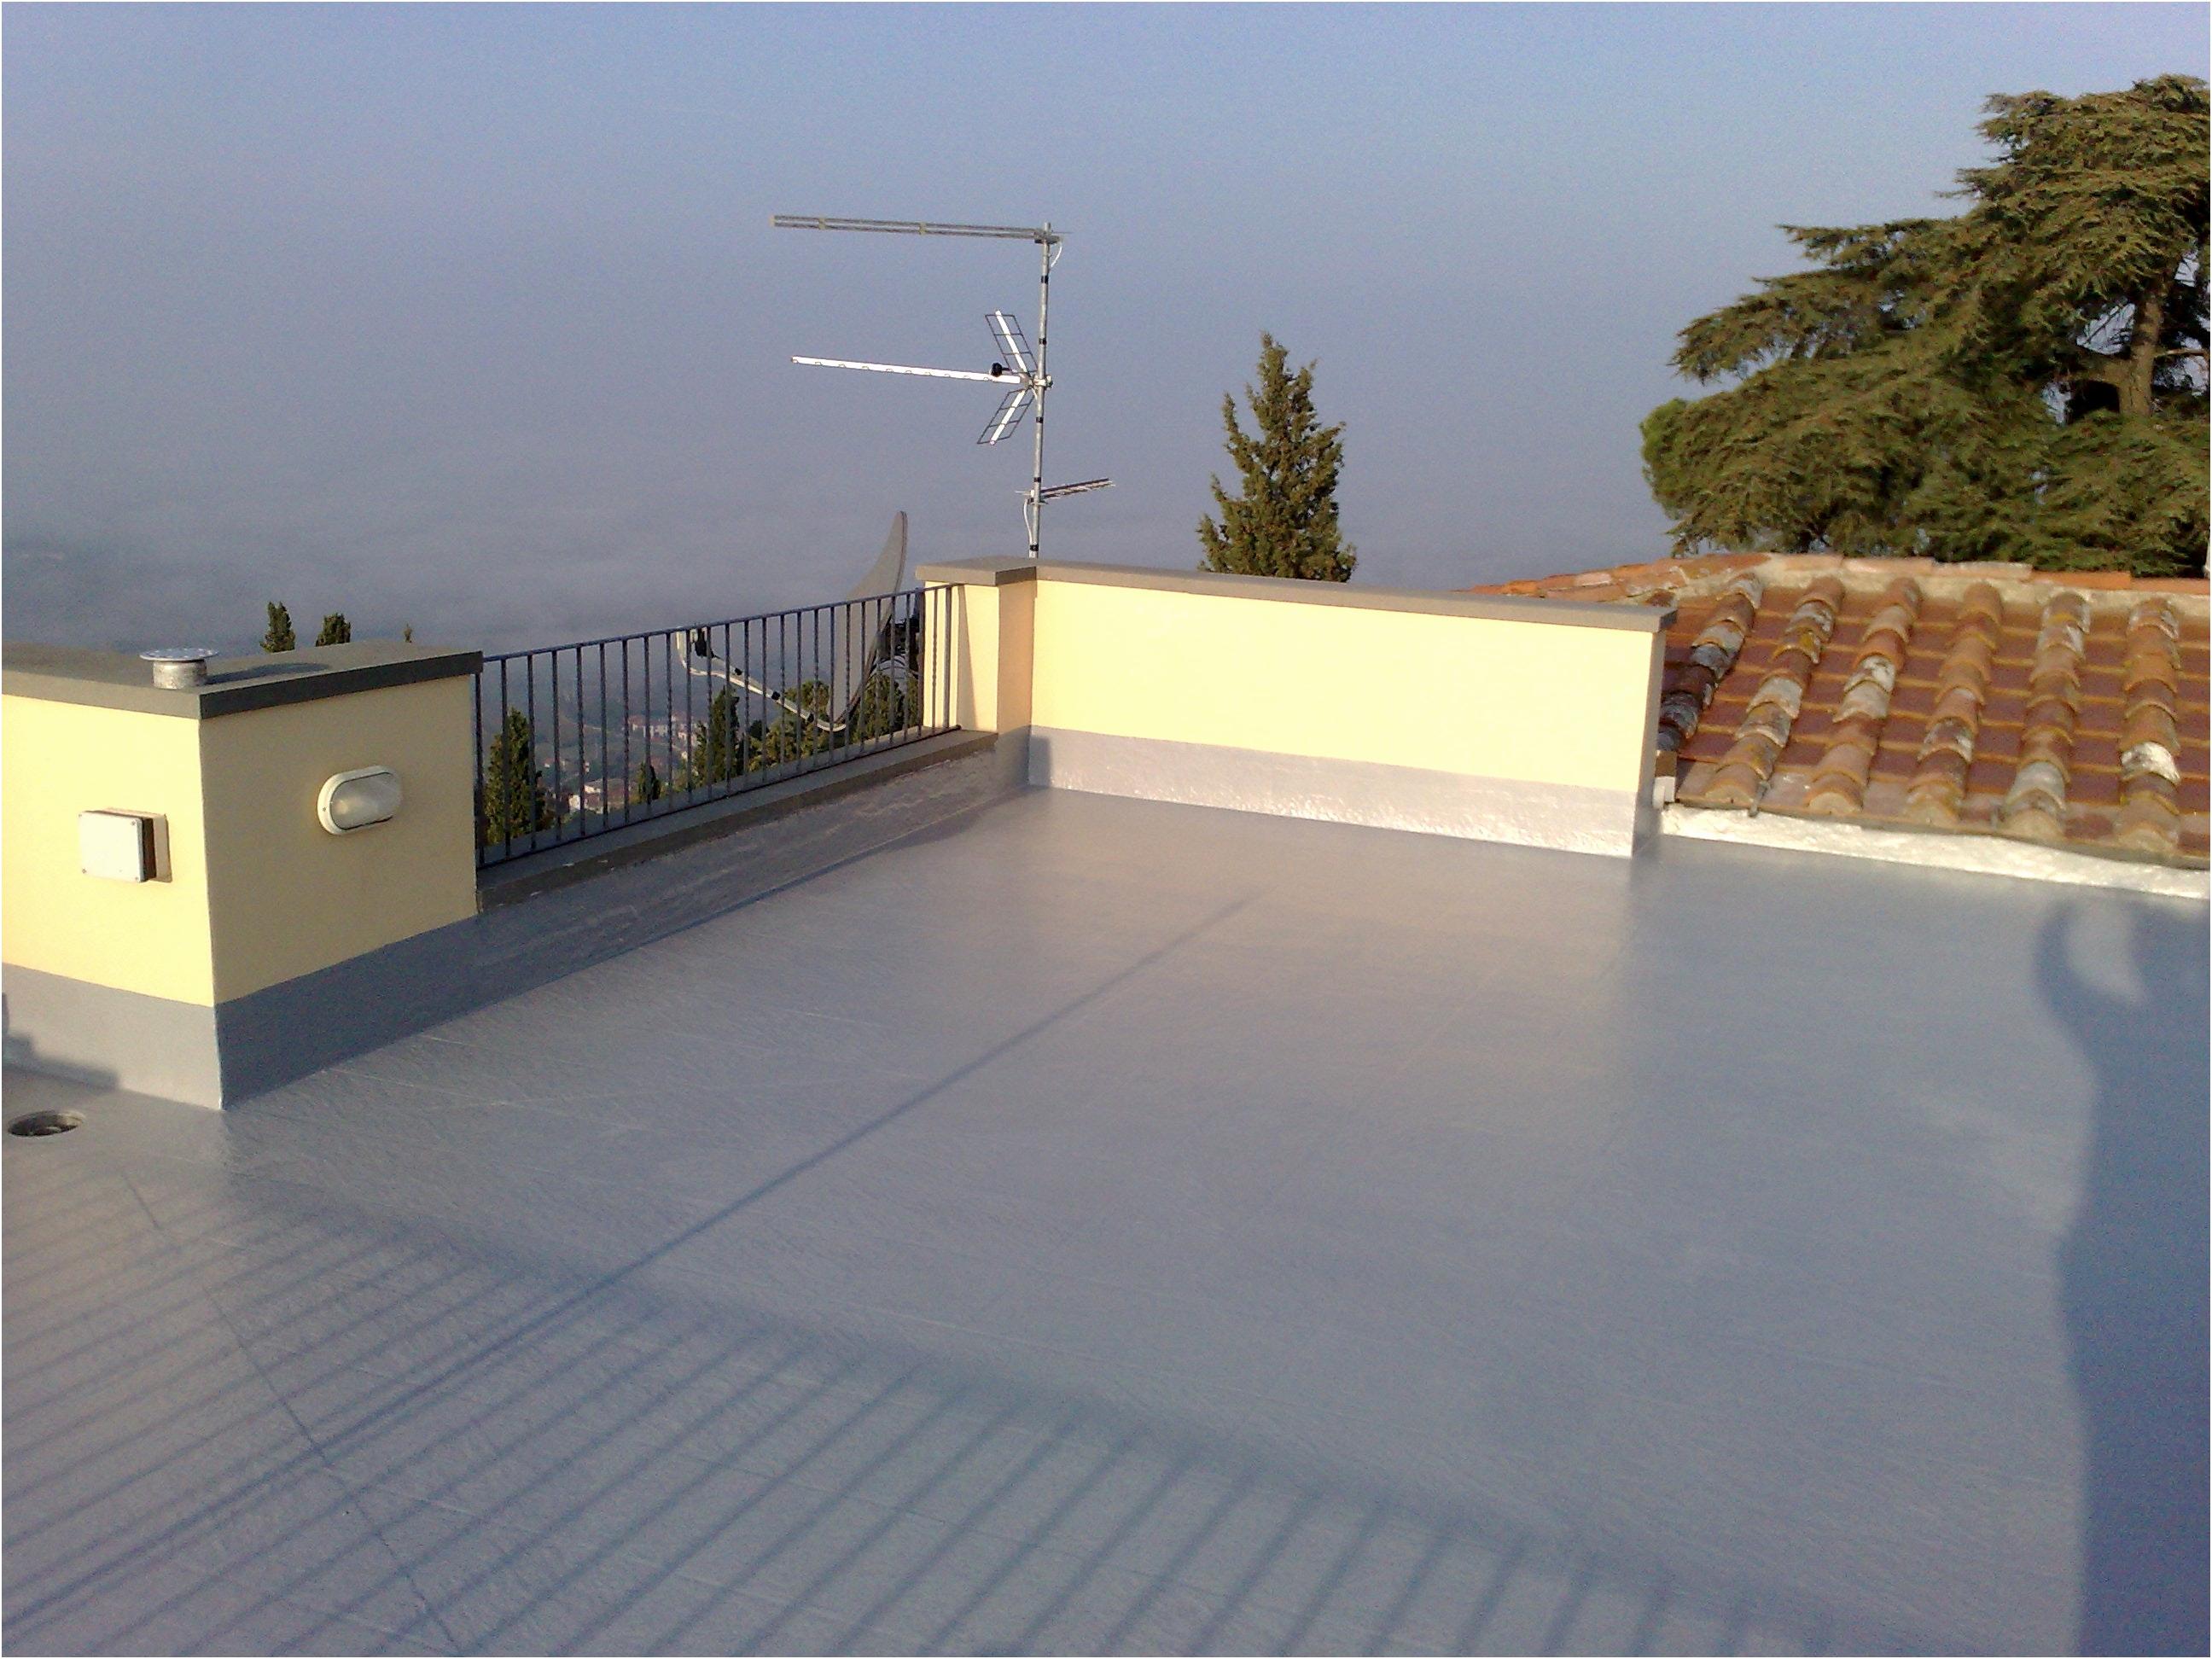 I prodotti impermeabilizzanti a cosa servono blackarchives - Impermeabilizzante per terrazzi ...